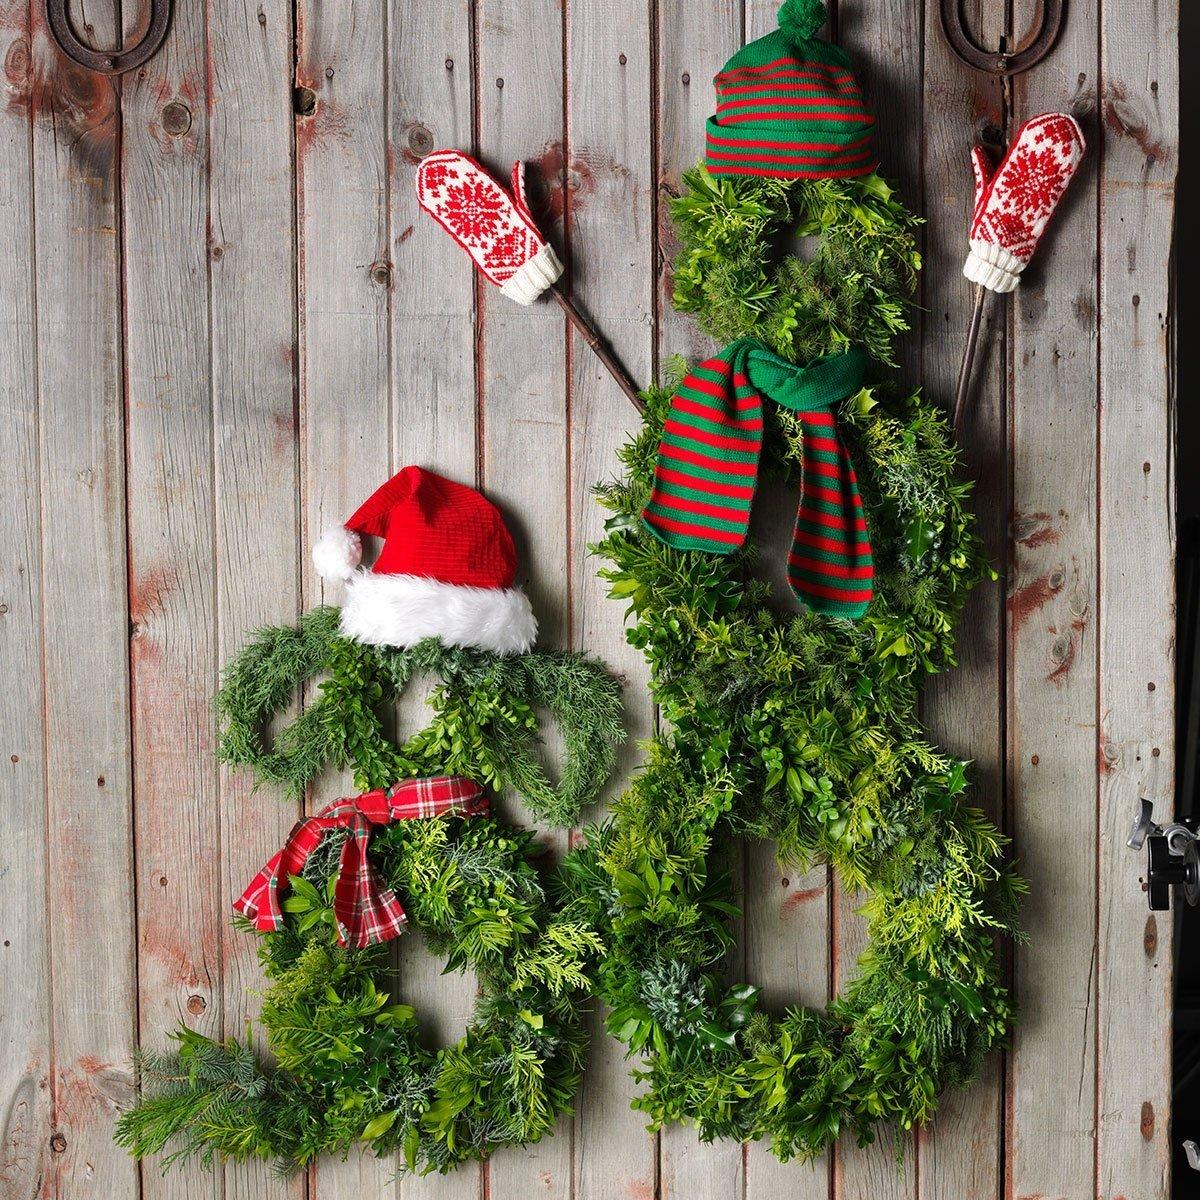 Santa's Helpers wreath